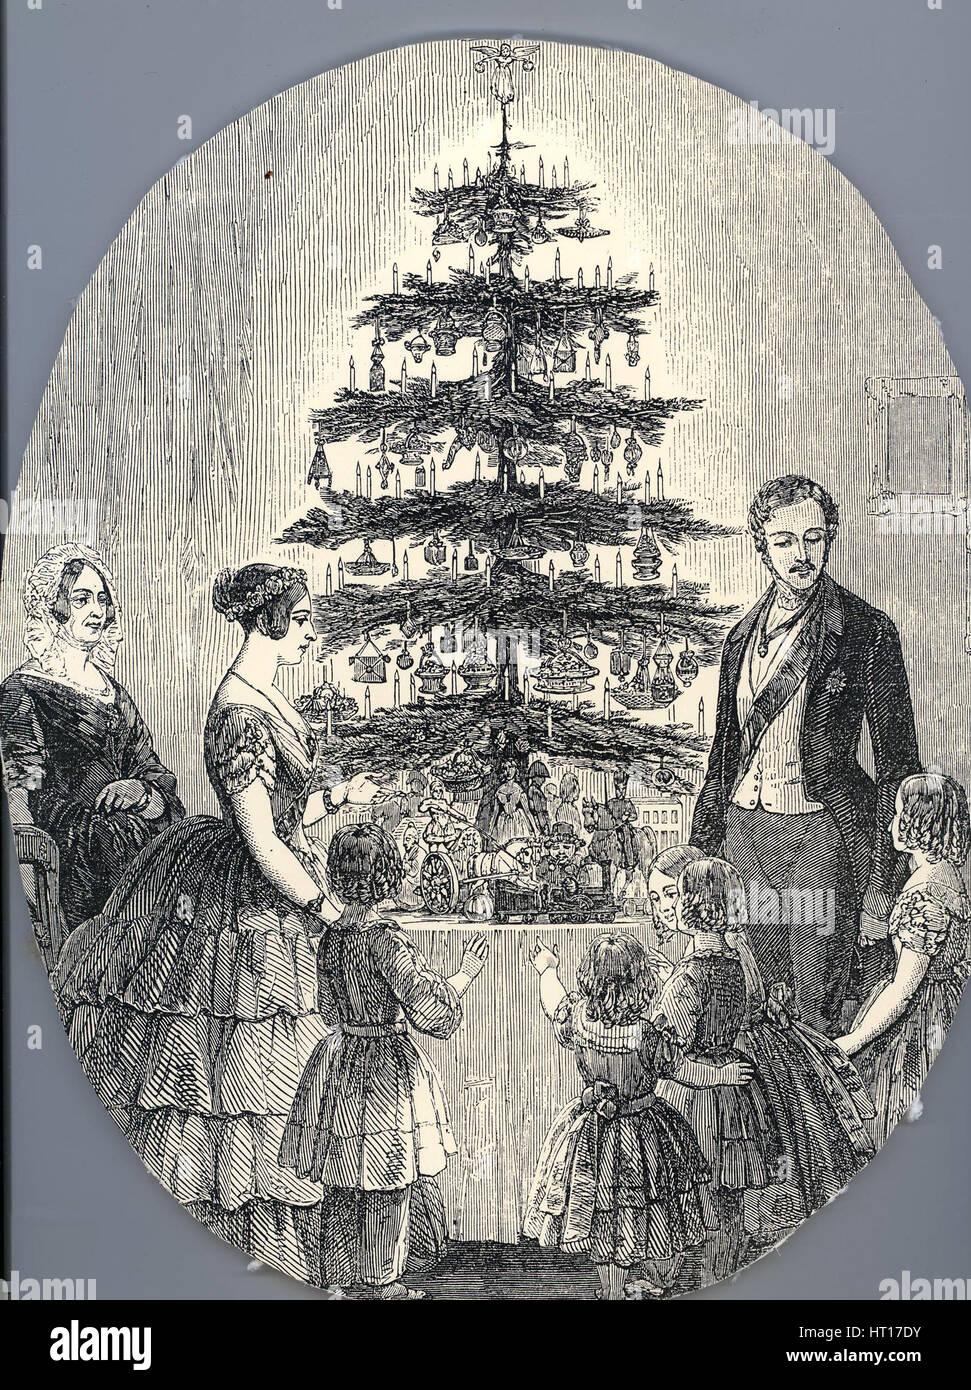 Noël avec la reine Victoria, le Prince Albert, de leurs enfants et la mère de la reine Victoria, en 1848 Photo Stock